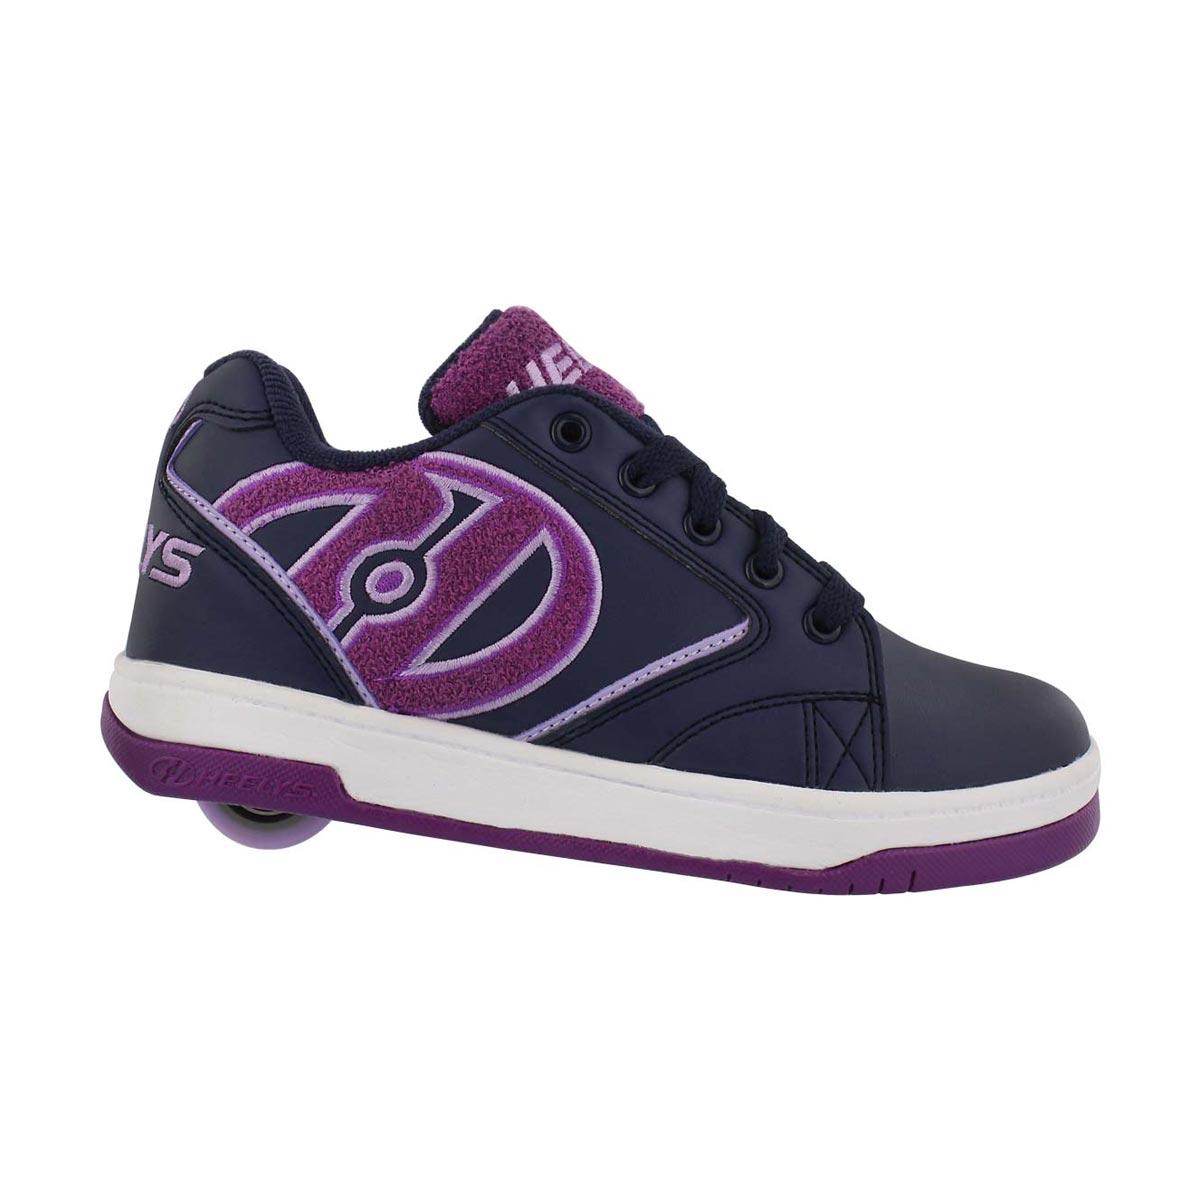 Grls Propel Terry nvy/ppl skate sneaker